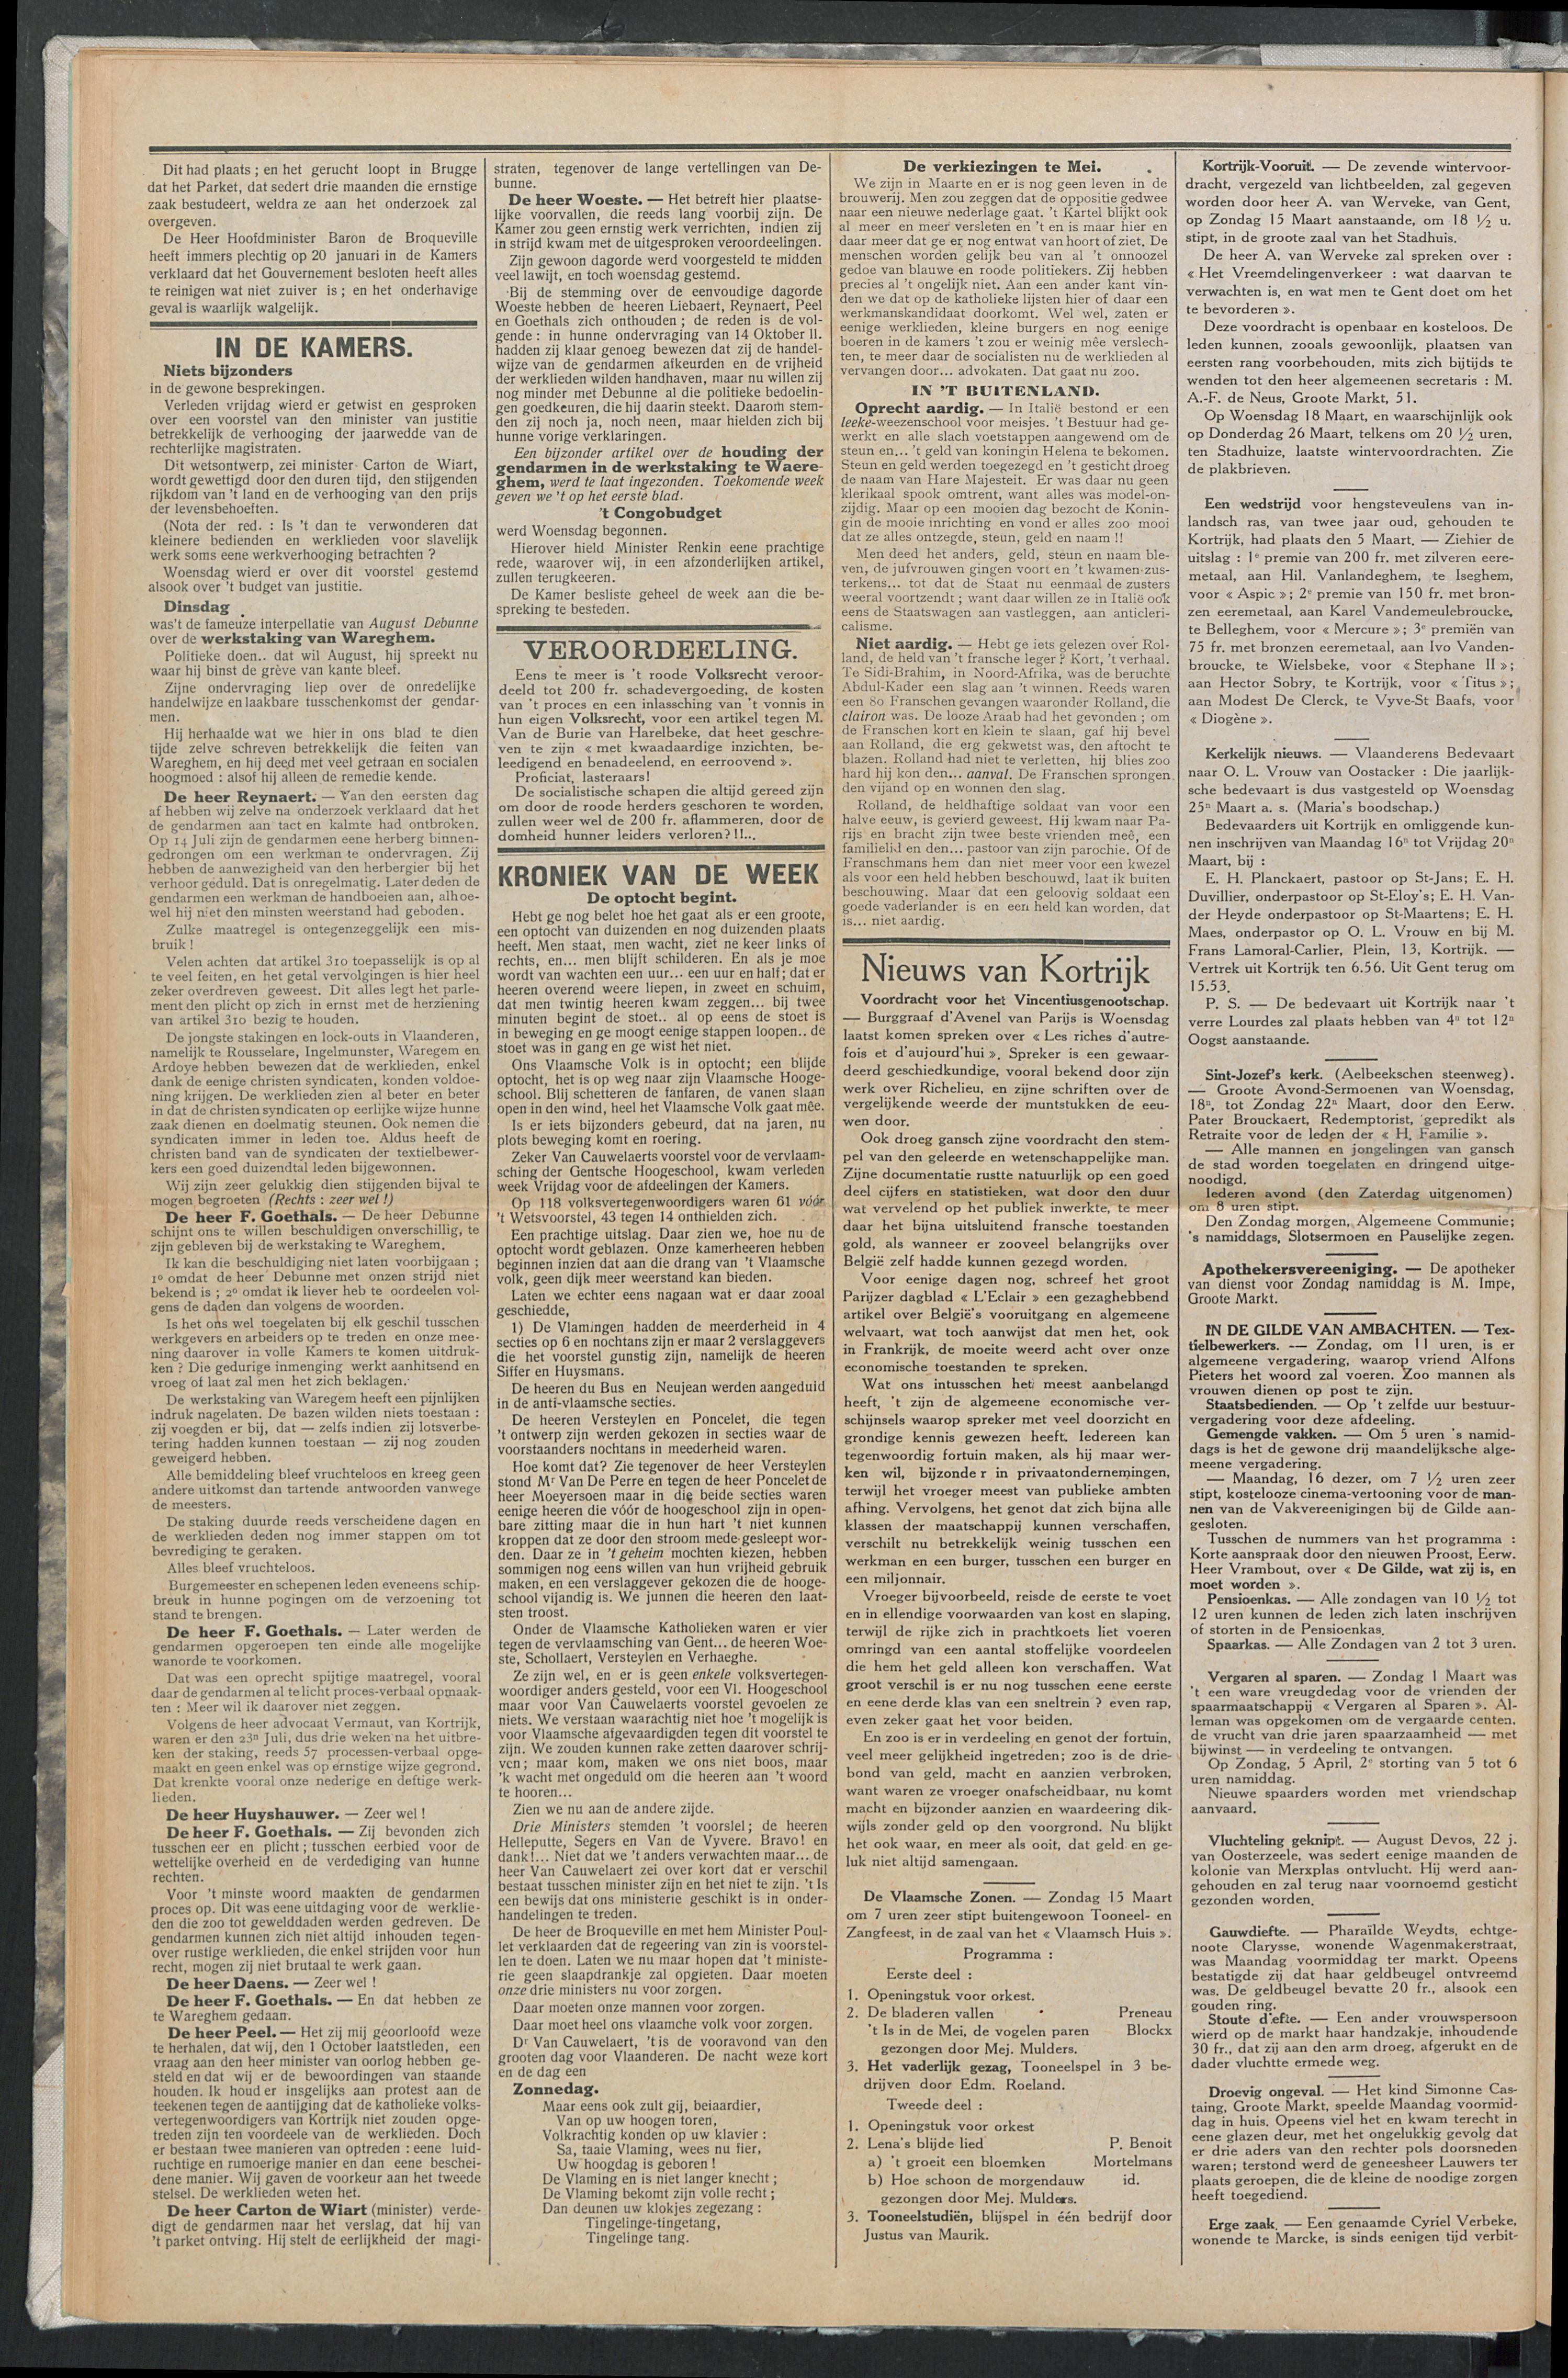 Het Kortrijksche Volk 1914-03-15 p2